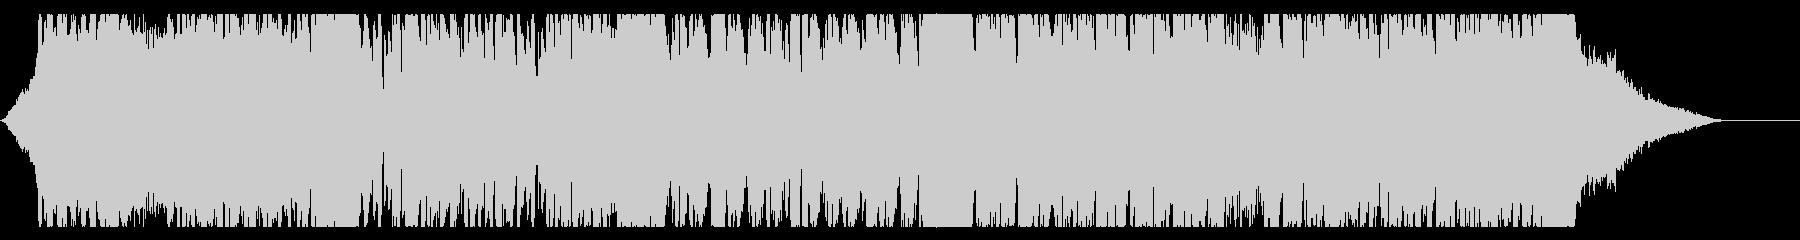 未来的でハードなドラムンベースの未再生の波形